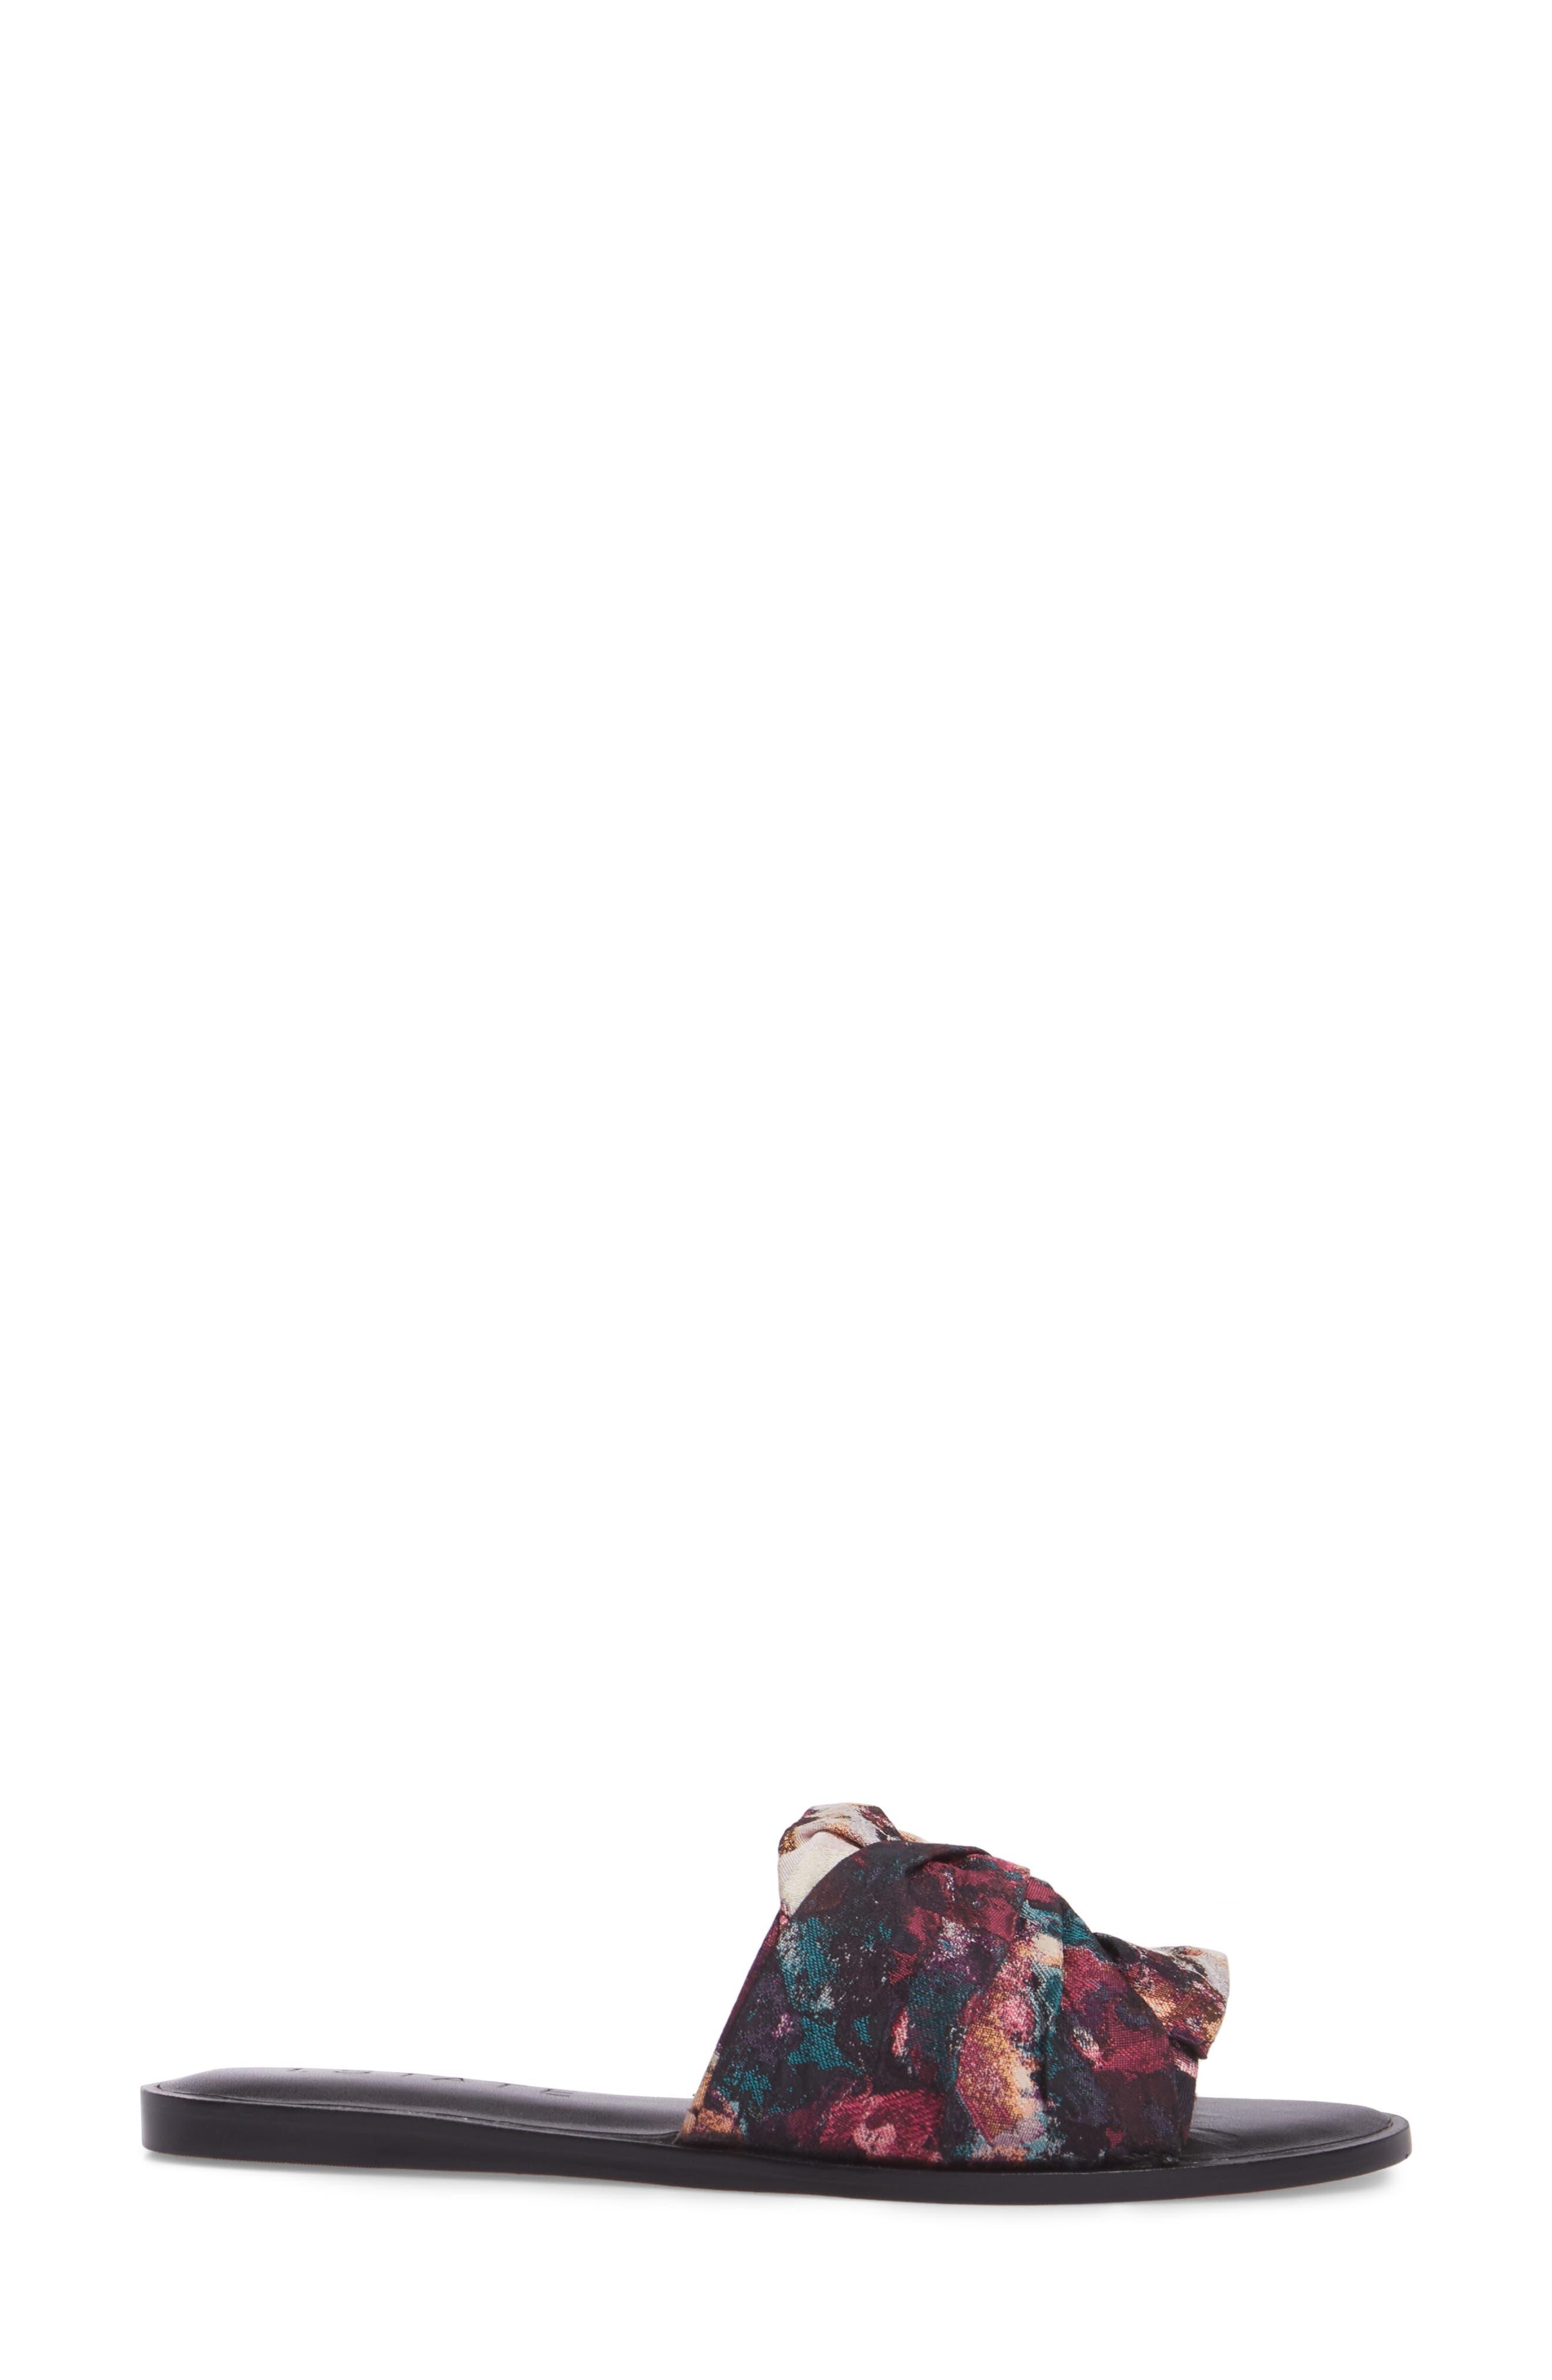 Chevonn Slide Sandal,                             Alternate thumbnail 3, color,                             001